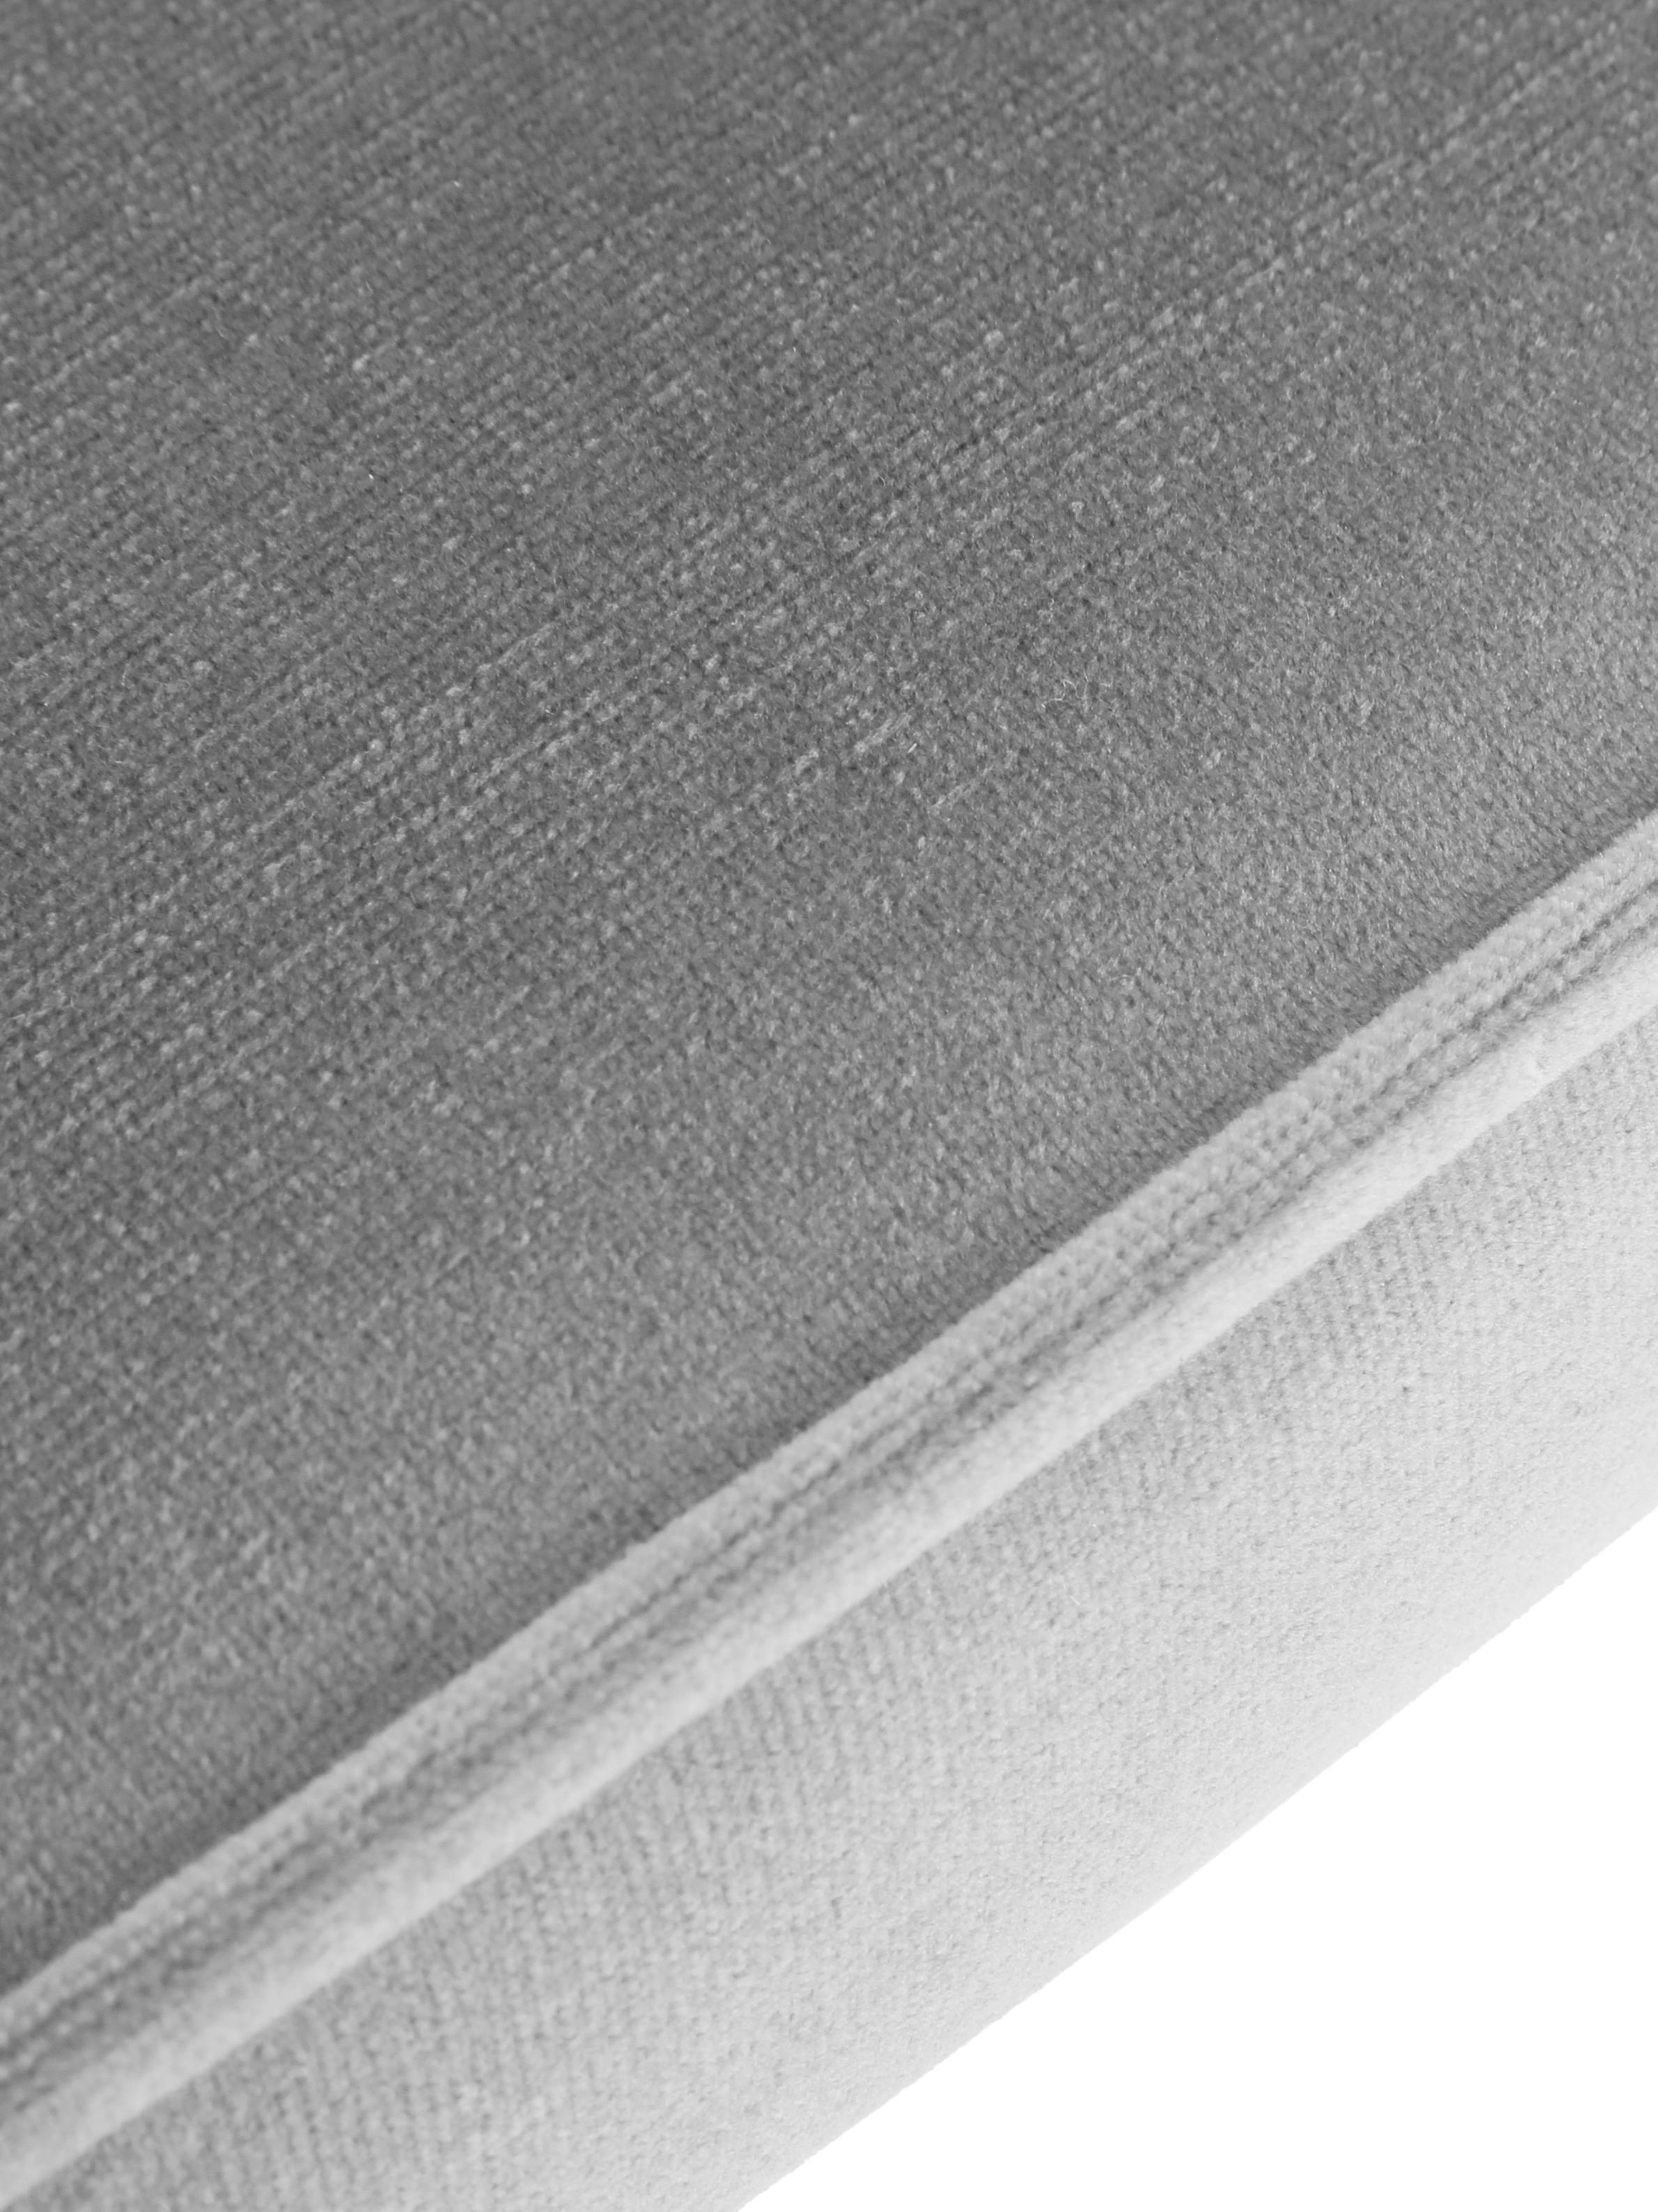 Samt-Polsterstühle Jasper, 2 Stück, Bezug: Samt (Hochwertiger Polyes, Beine: Metall, pulverbeschichtet, Grau, B 49 x T 57 cm